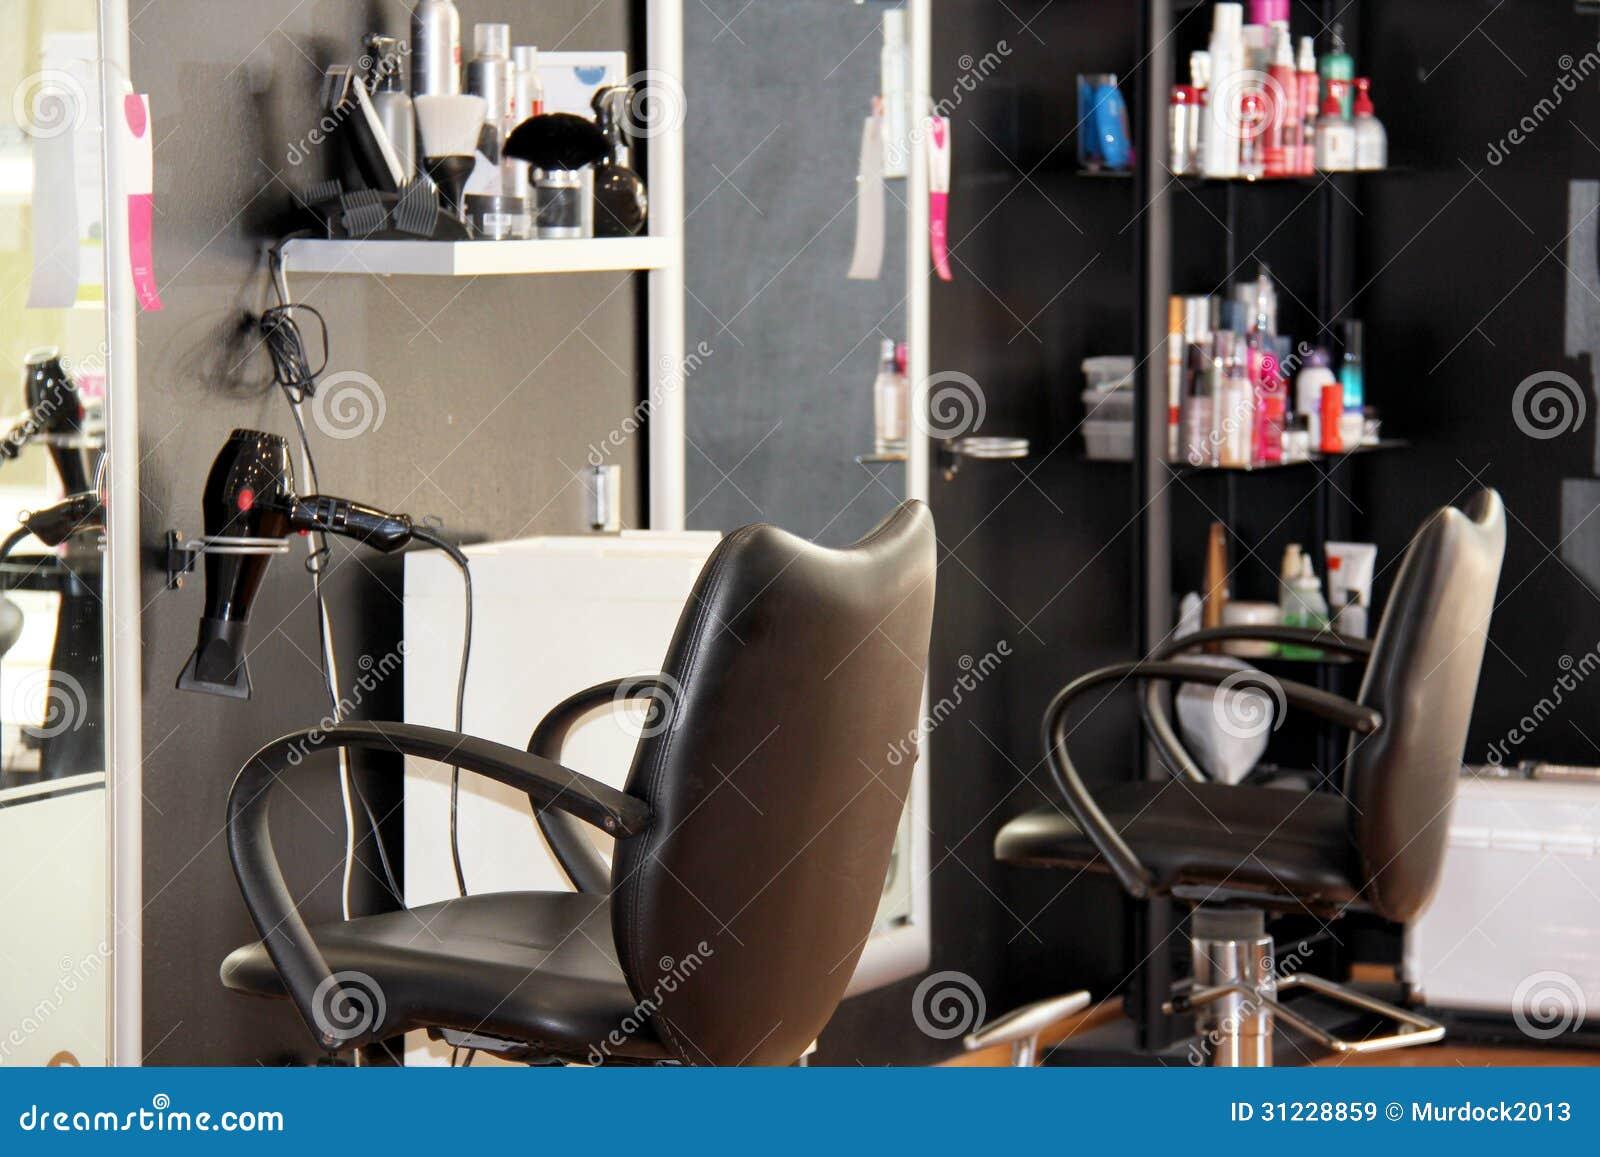 Salon de coiffure moderne image stock. Image du santé - 31228859